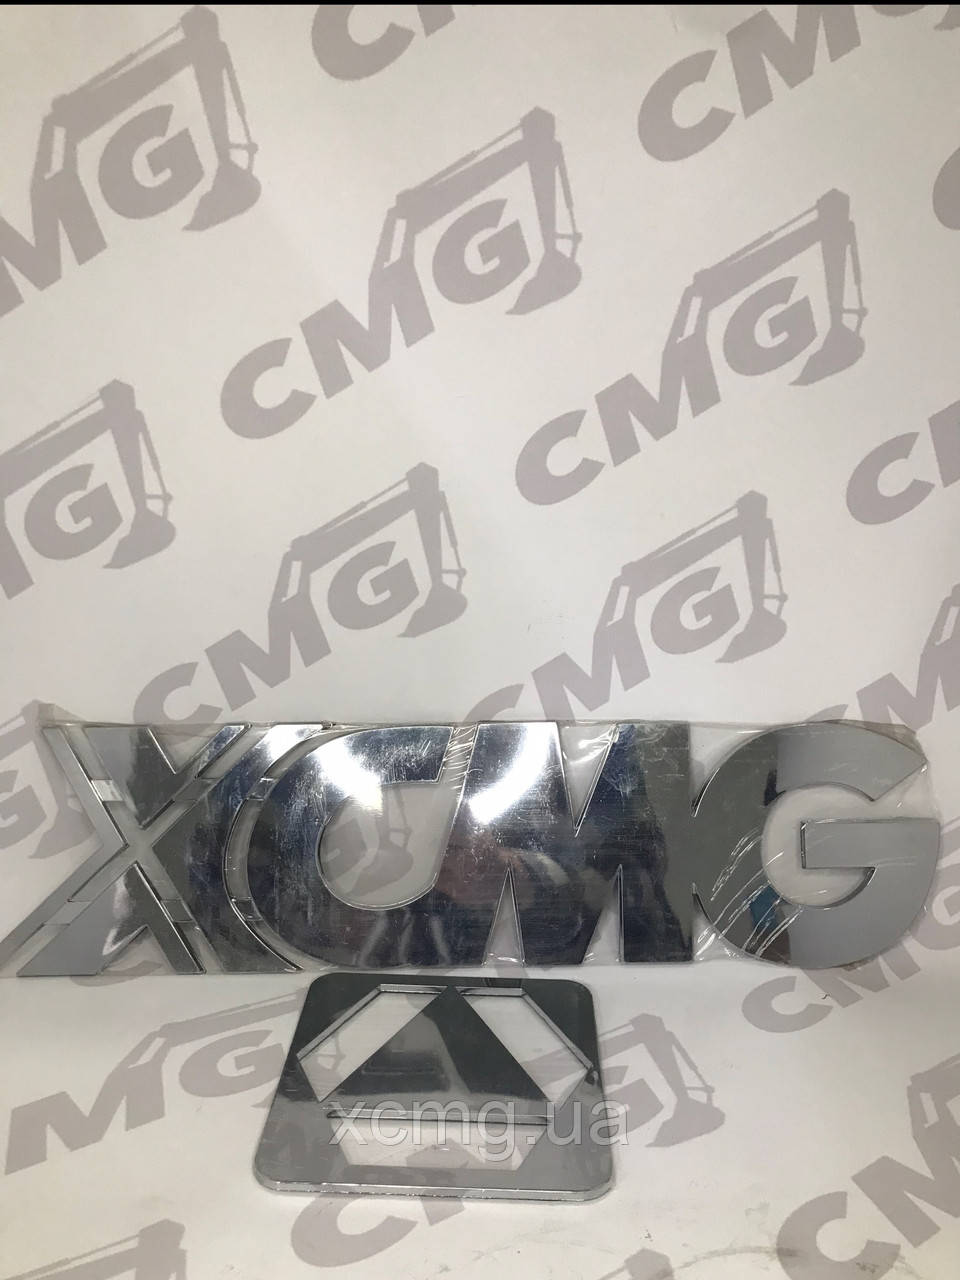 Лого XCMG